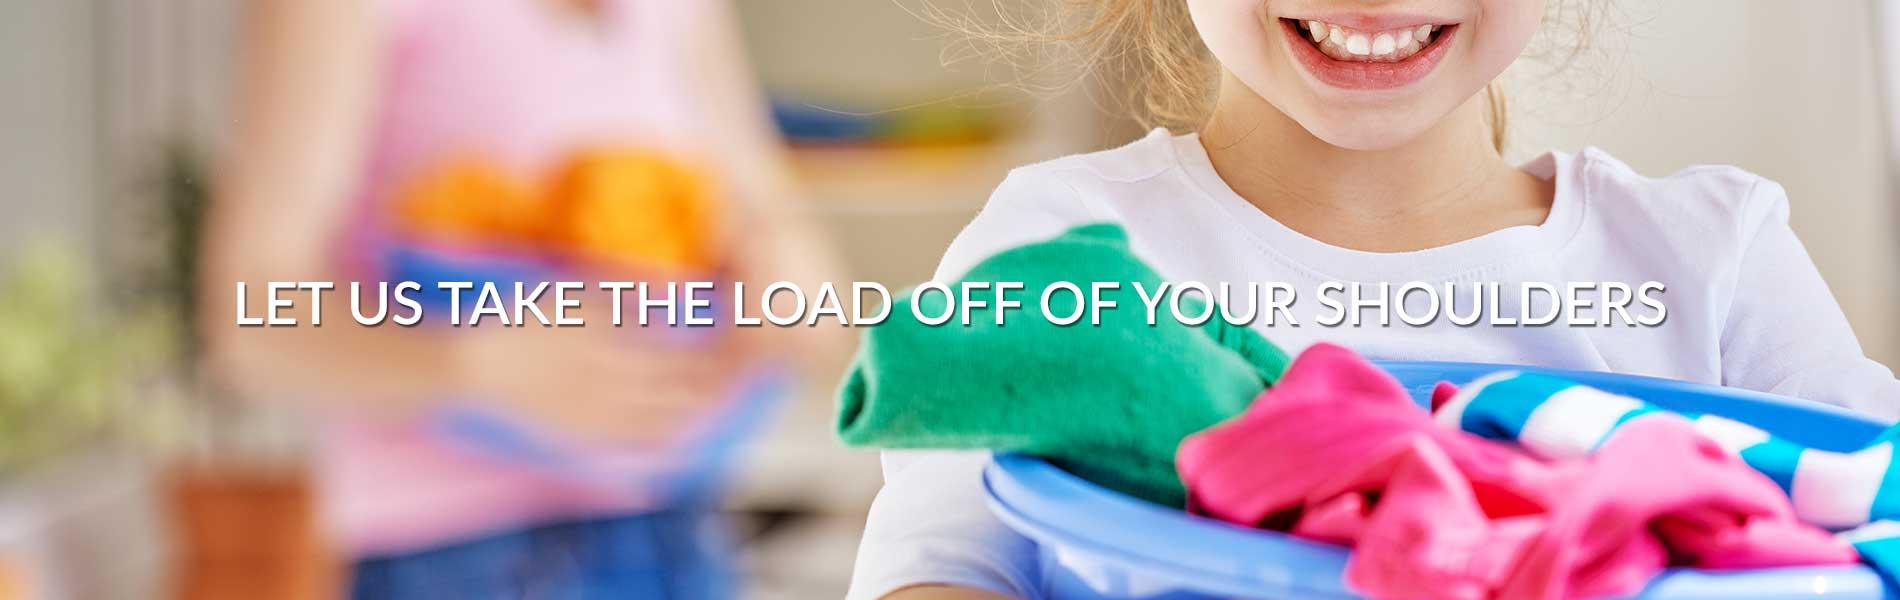 Laundry-Slider-Image2